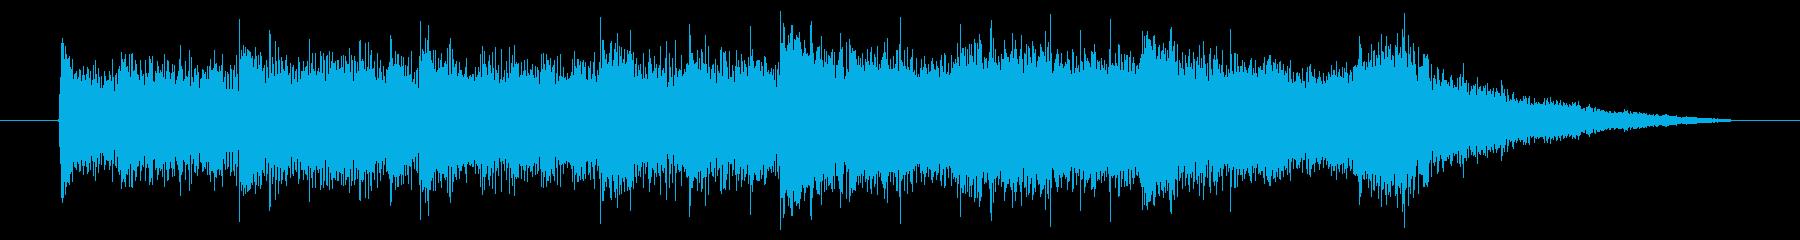 柔らかさを感じる15秒のBGMの再生済みの波形